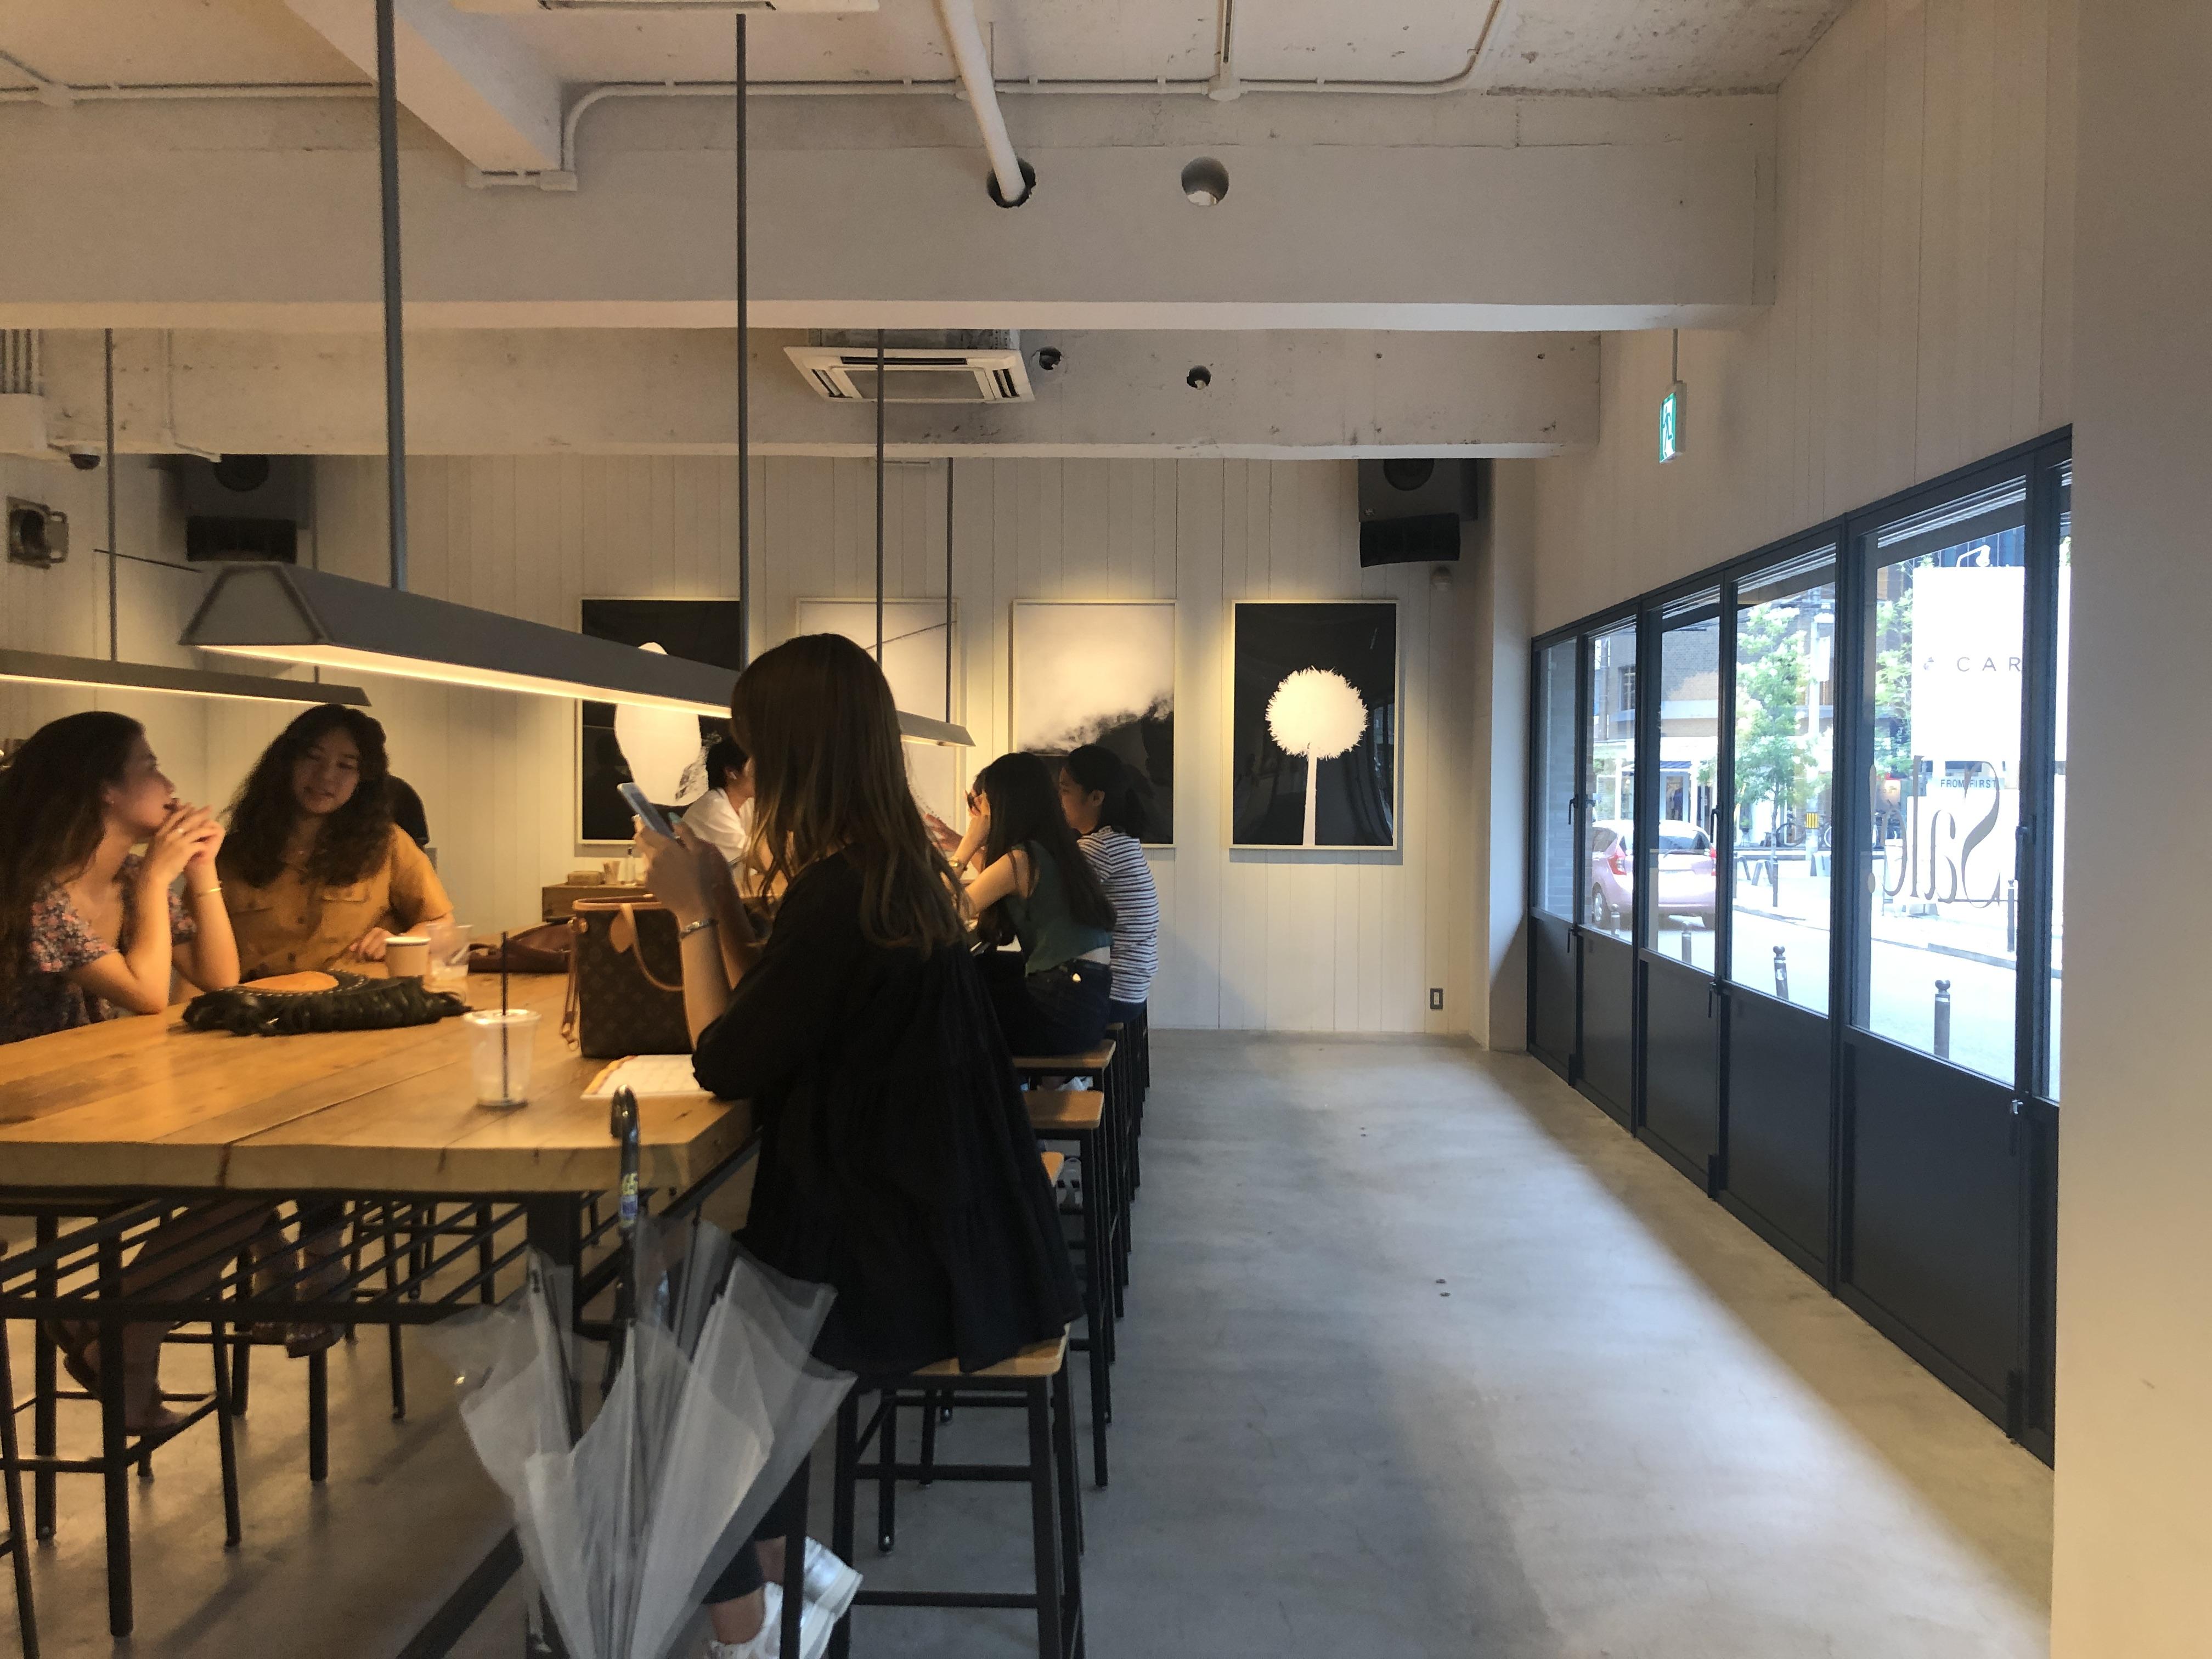 山梨県の工務店、未来建築工房とつくる注文住宅。|大人のサーフブランド サタデーズニューヨークシティ